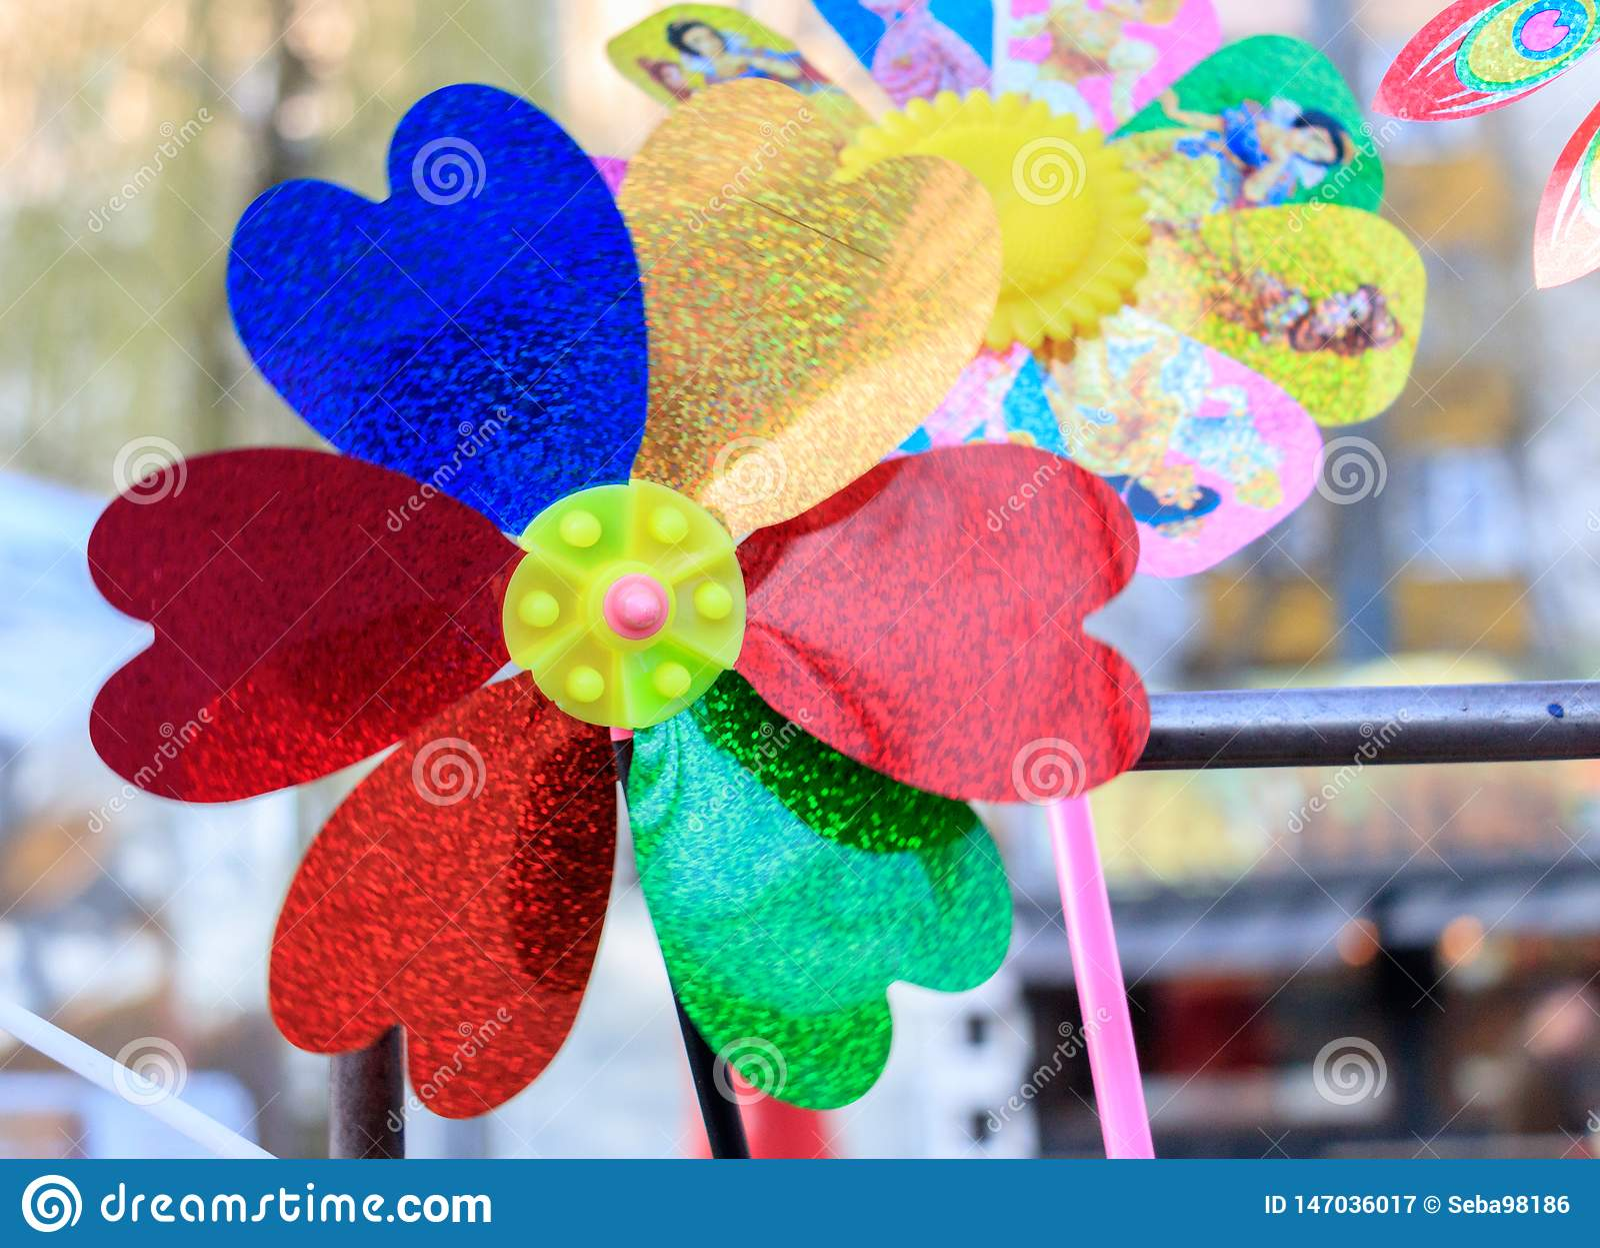 Multicolored vuurradstuk speelgoed met bloem op strand